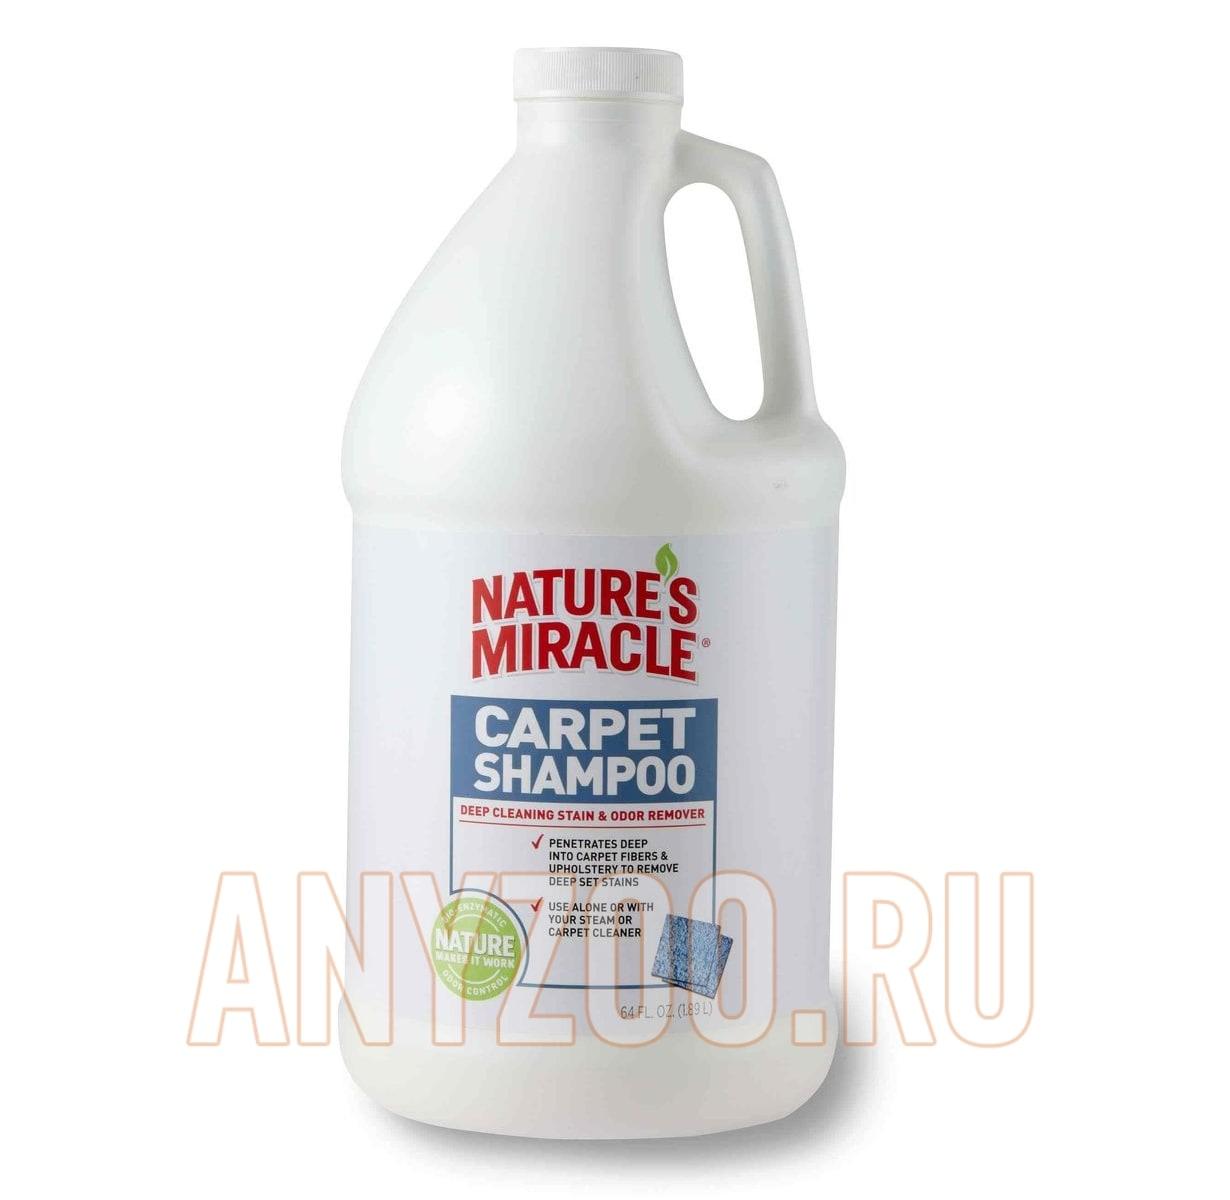 Carpet shampoo for cat urine